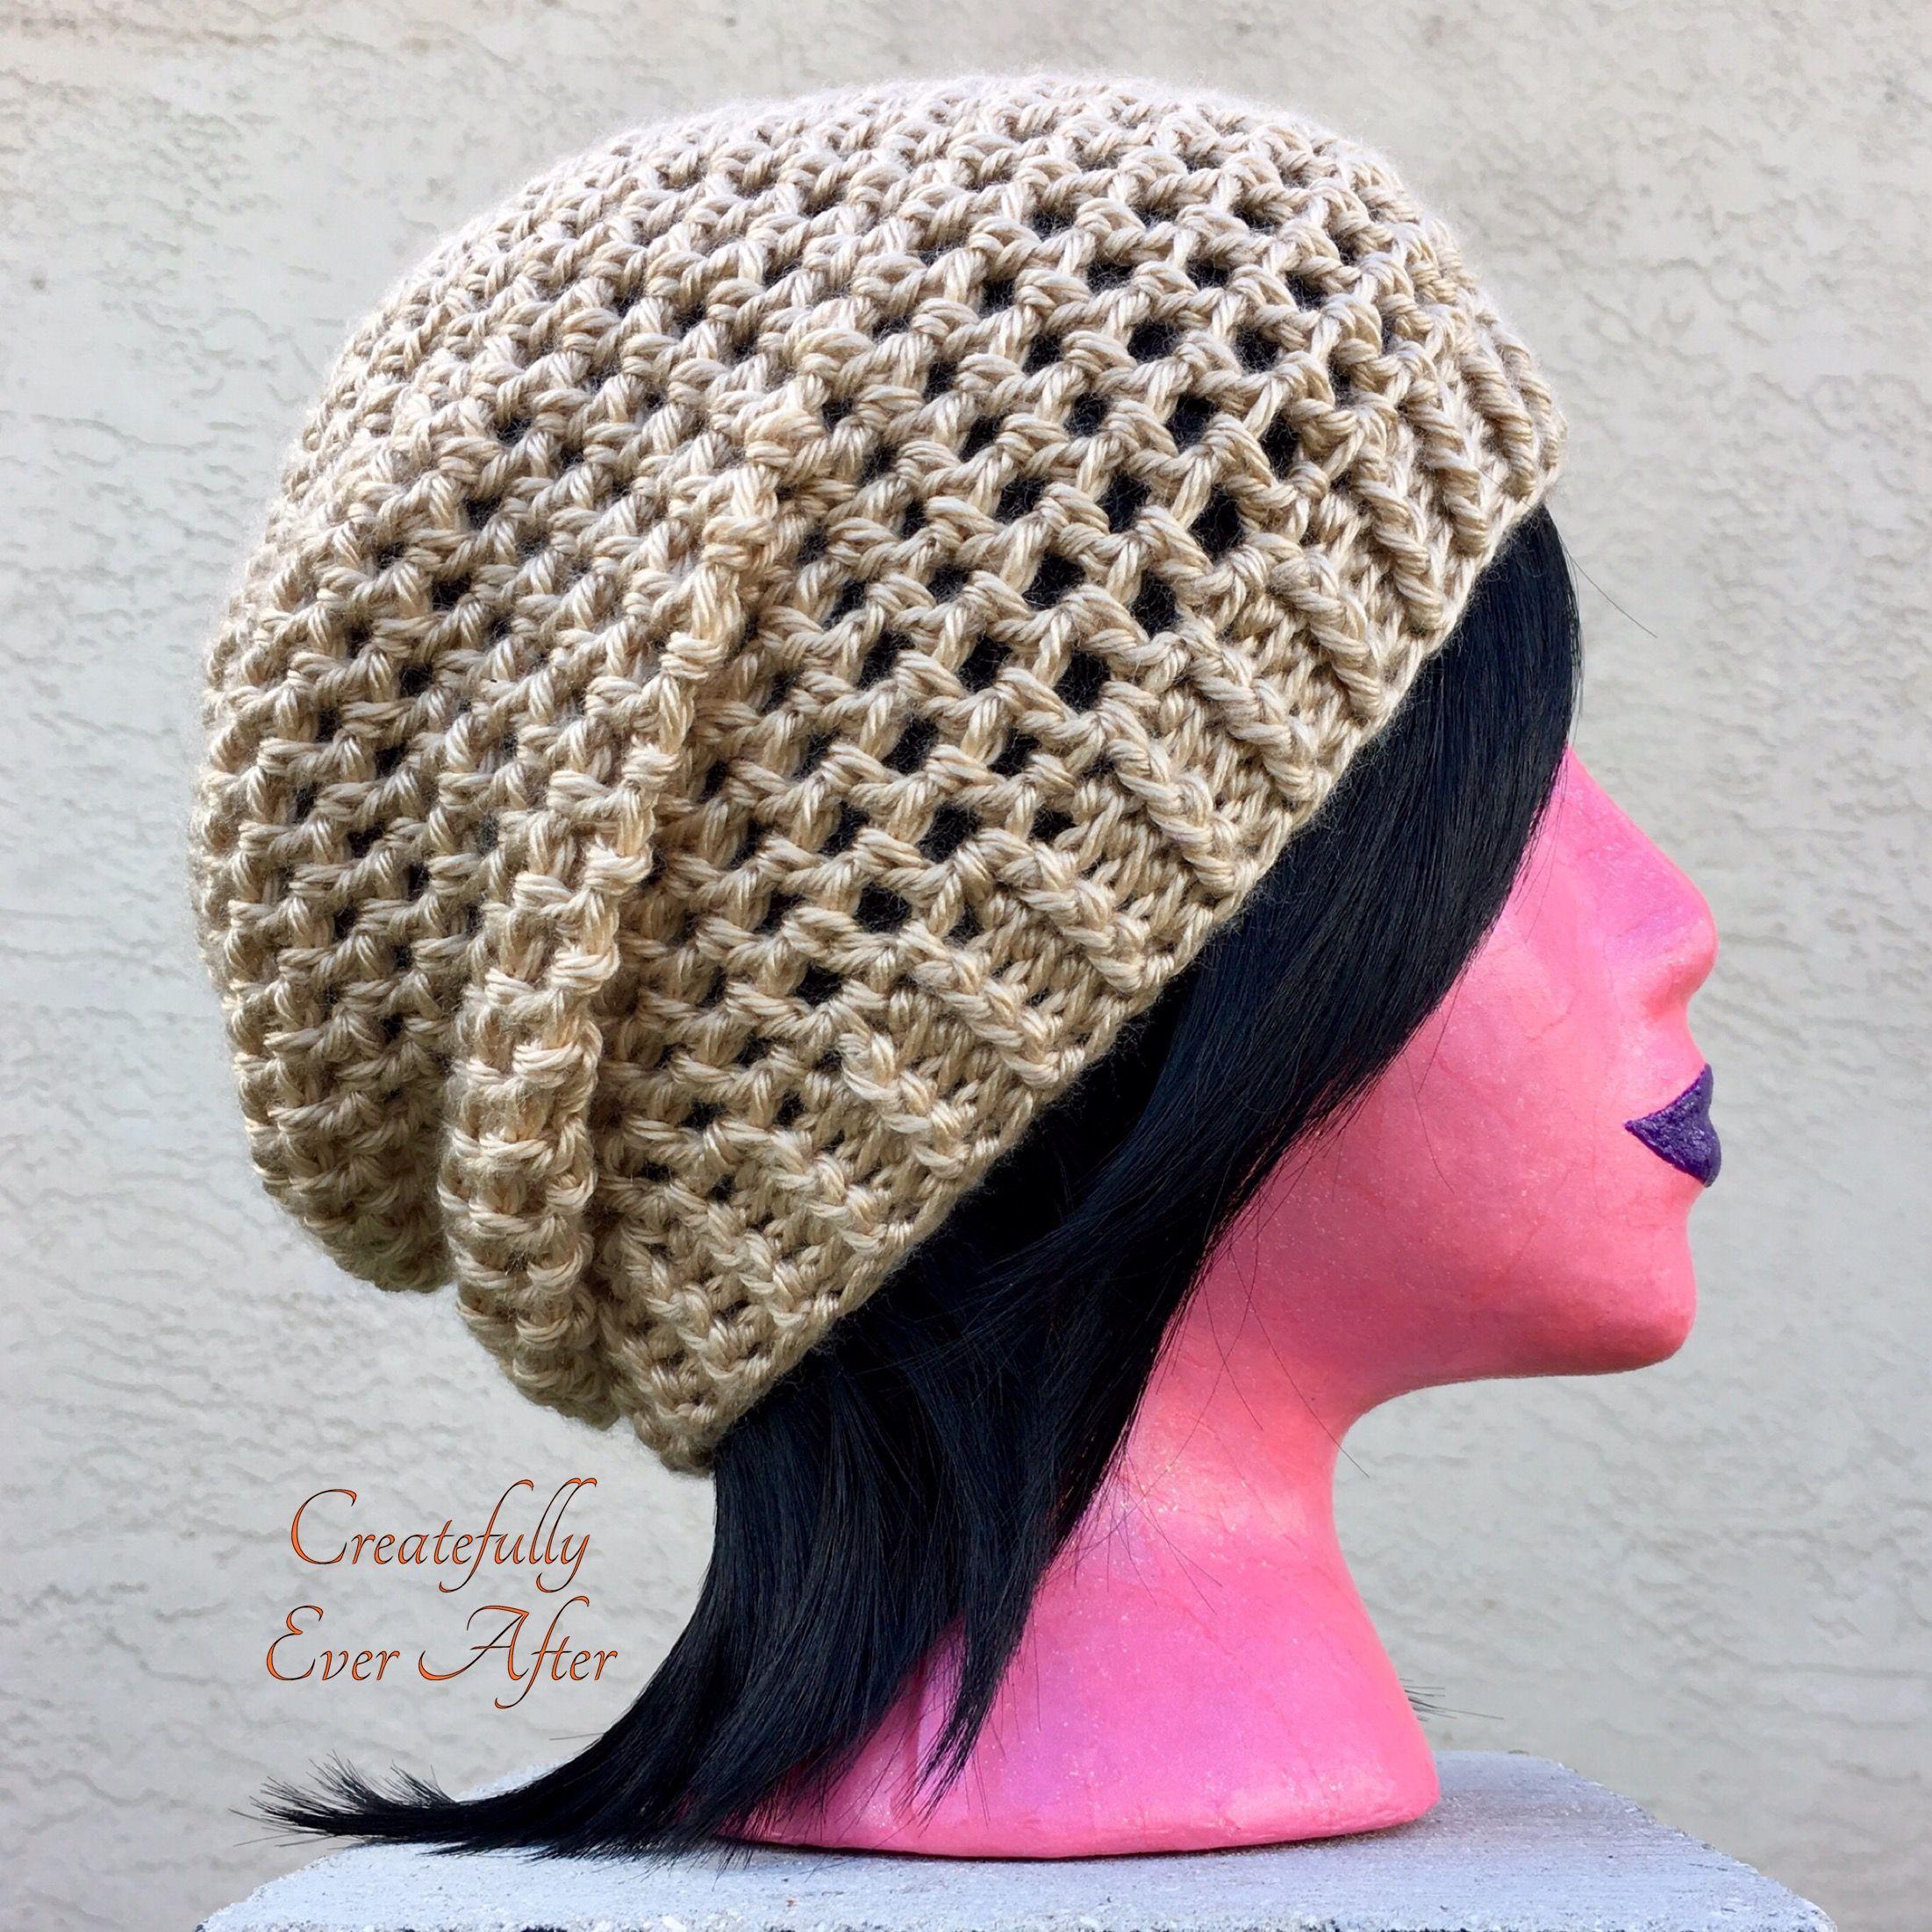 large choix de couleurs bons plans sur la mode en présentant Mesh Slouch Hat - free crochet pattern at Createfully Ever ...